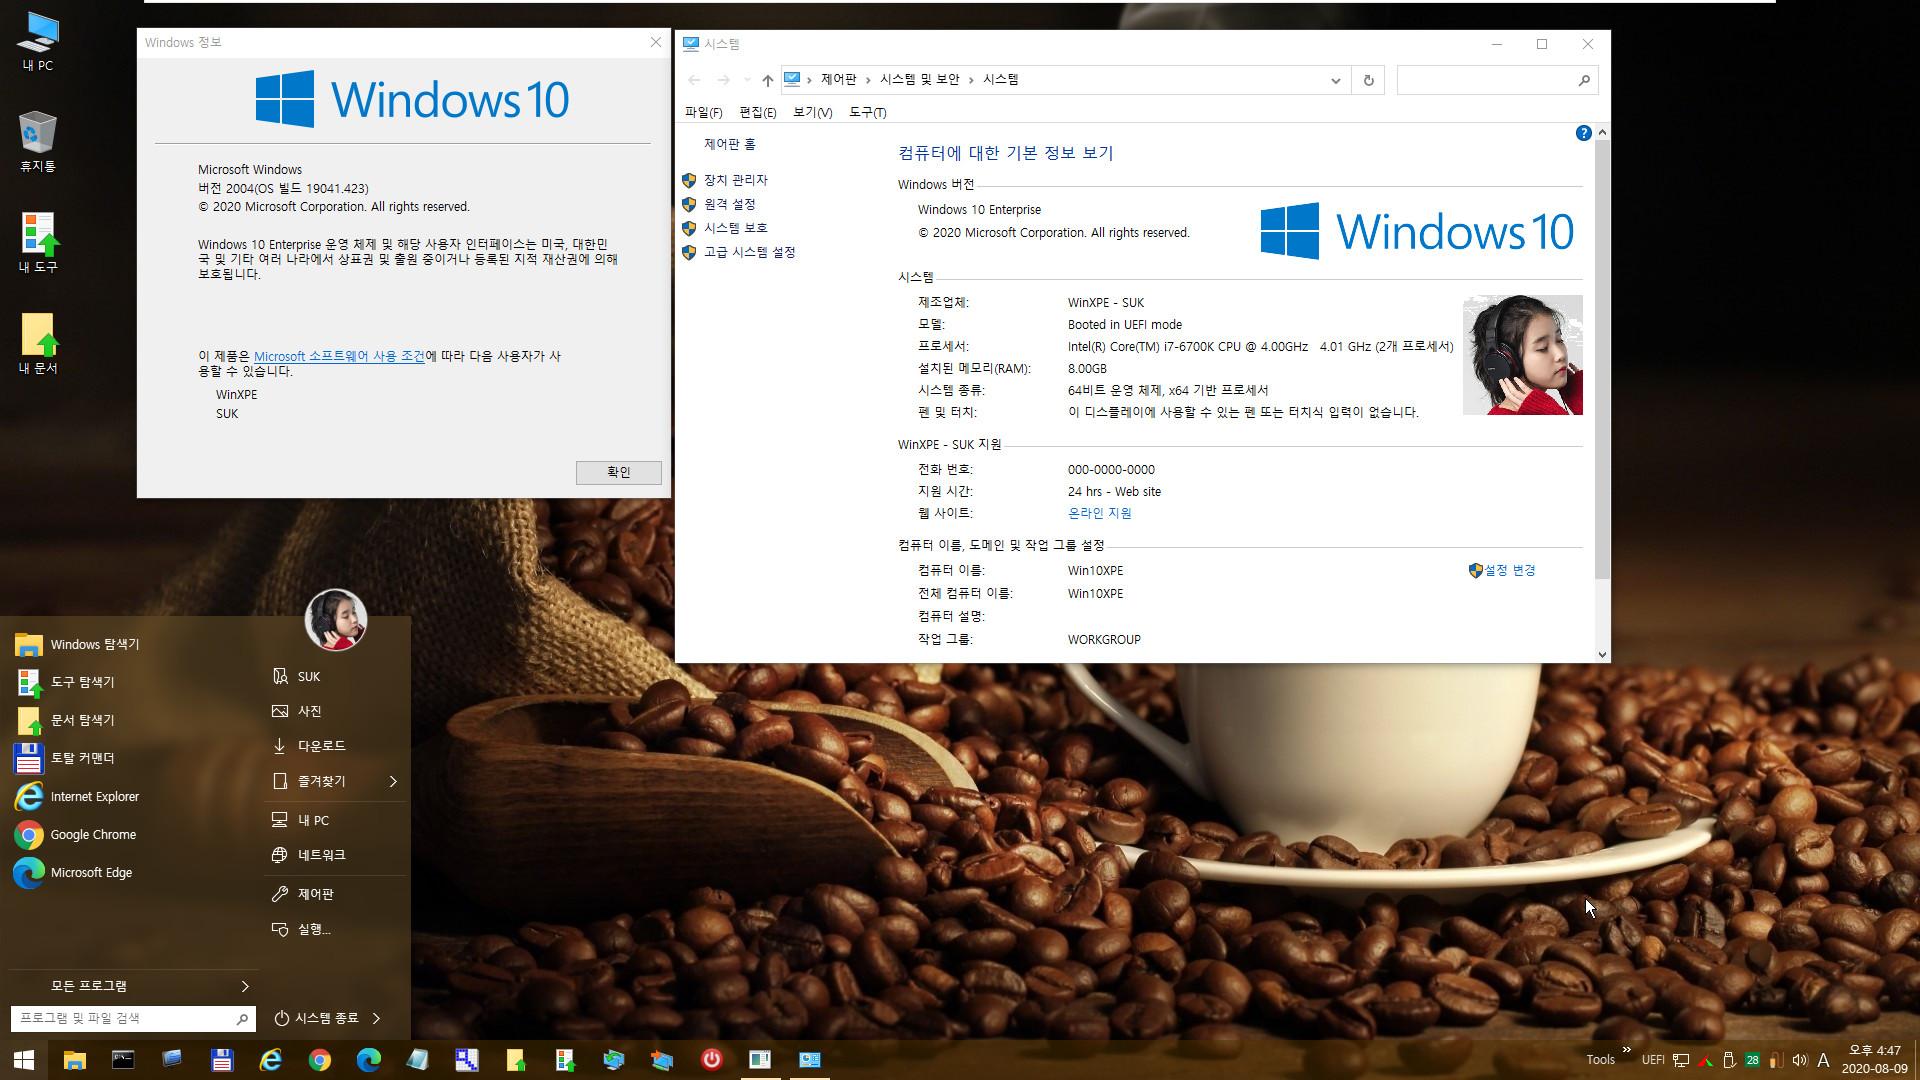 Win10XPE81으로 PE 만들기 테스트 - Windows 10 버전 2004,19041.423 iso 사용 - 시스템 창 잘 열립니다 2020-08-09_164727.jpg